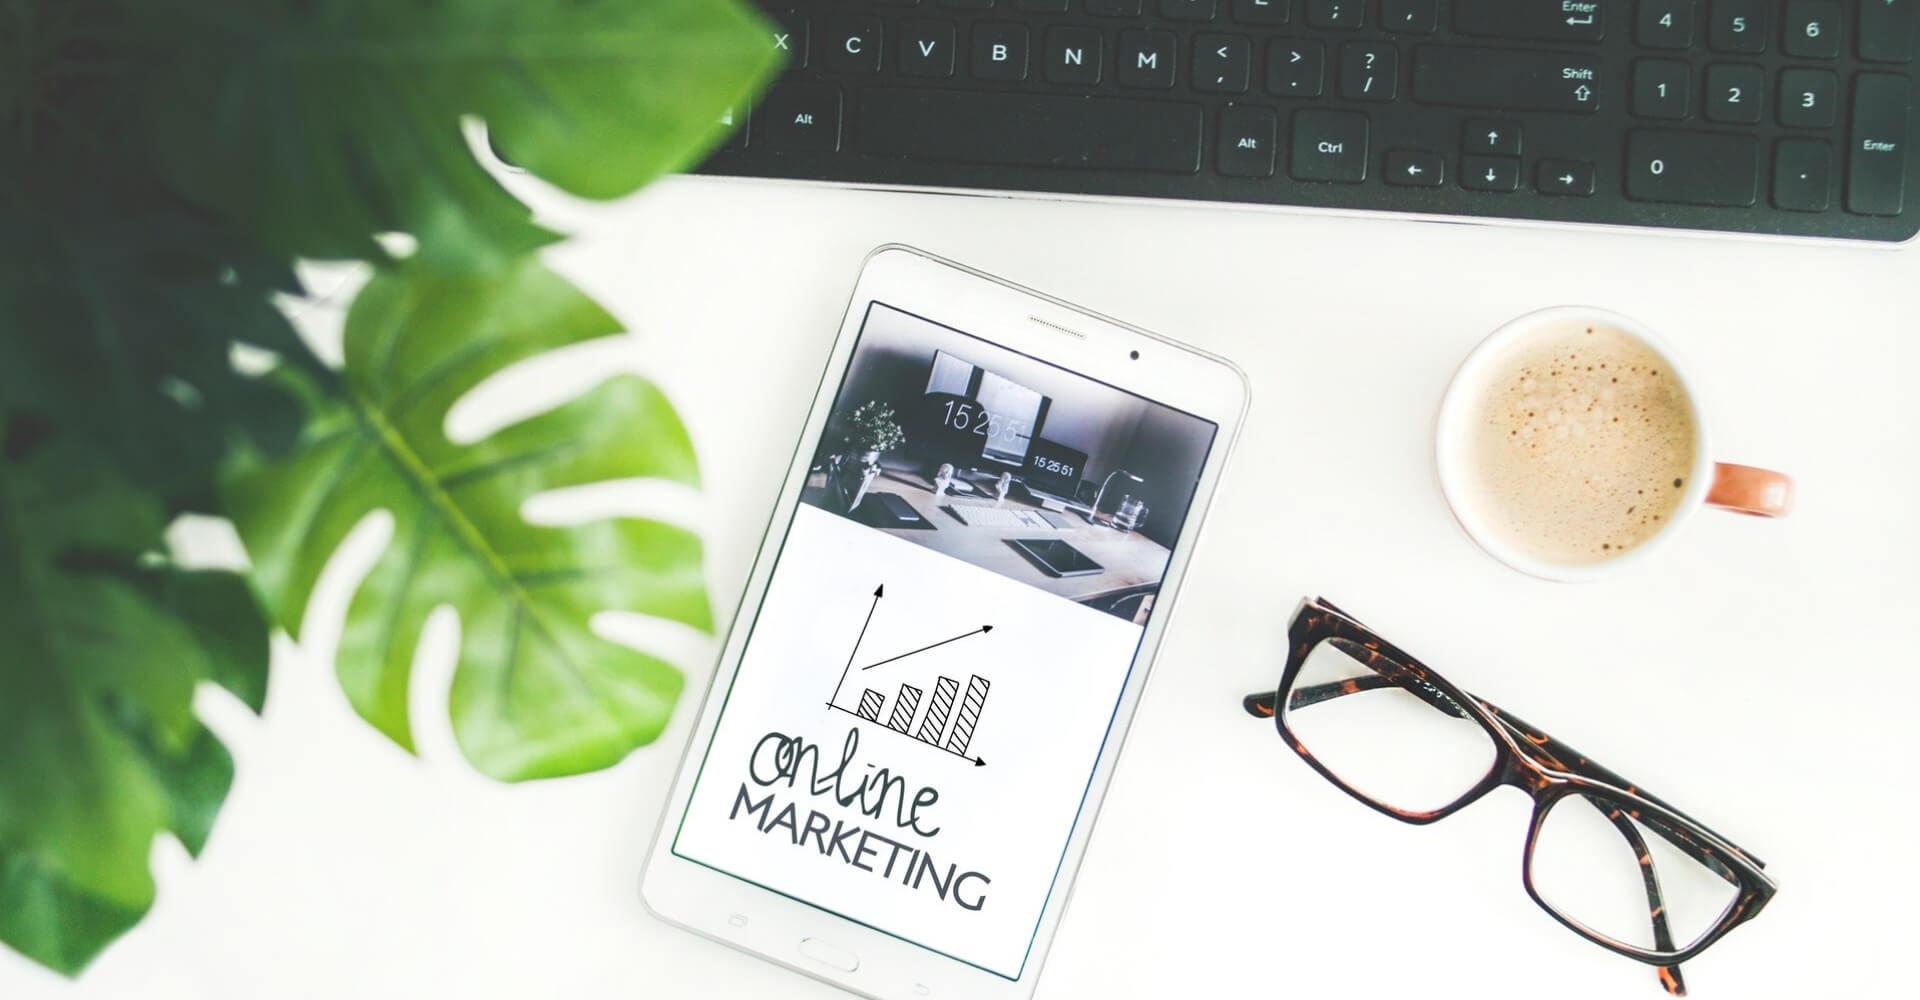 jak wypromować swojego bloga za darmo